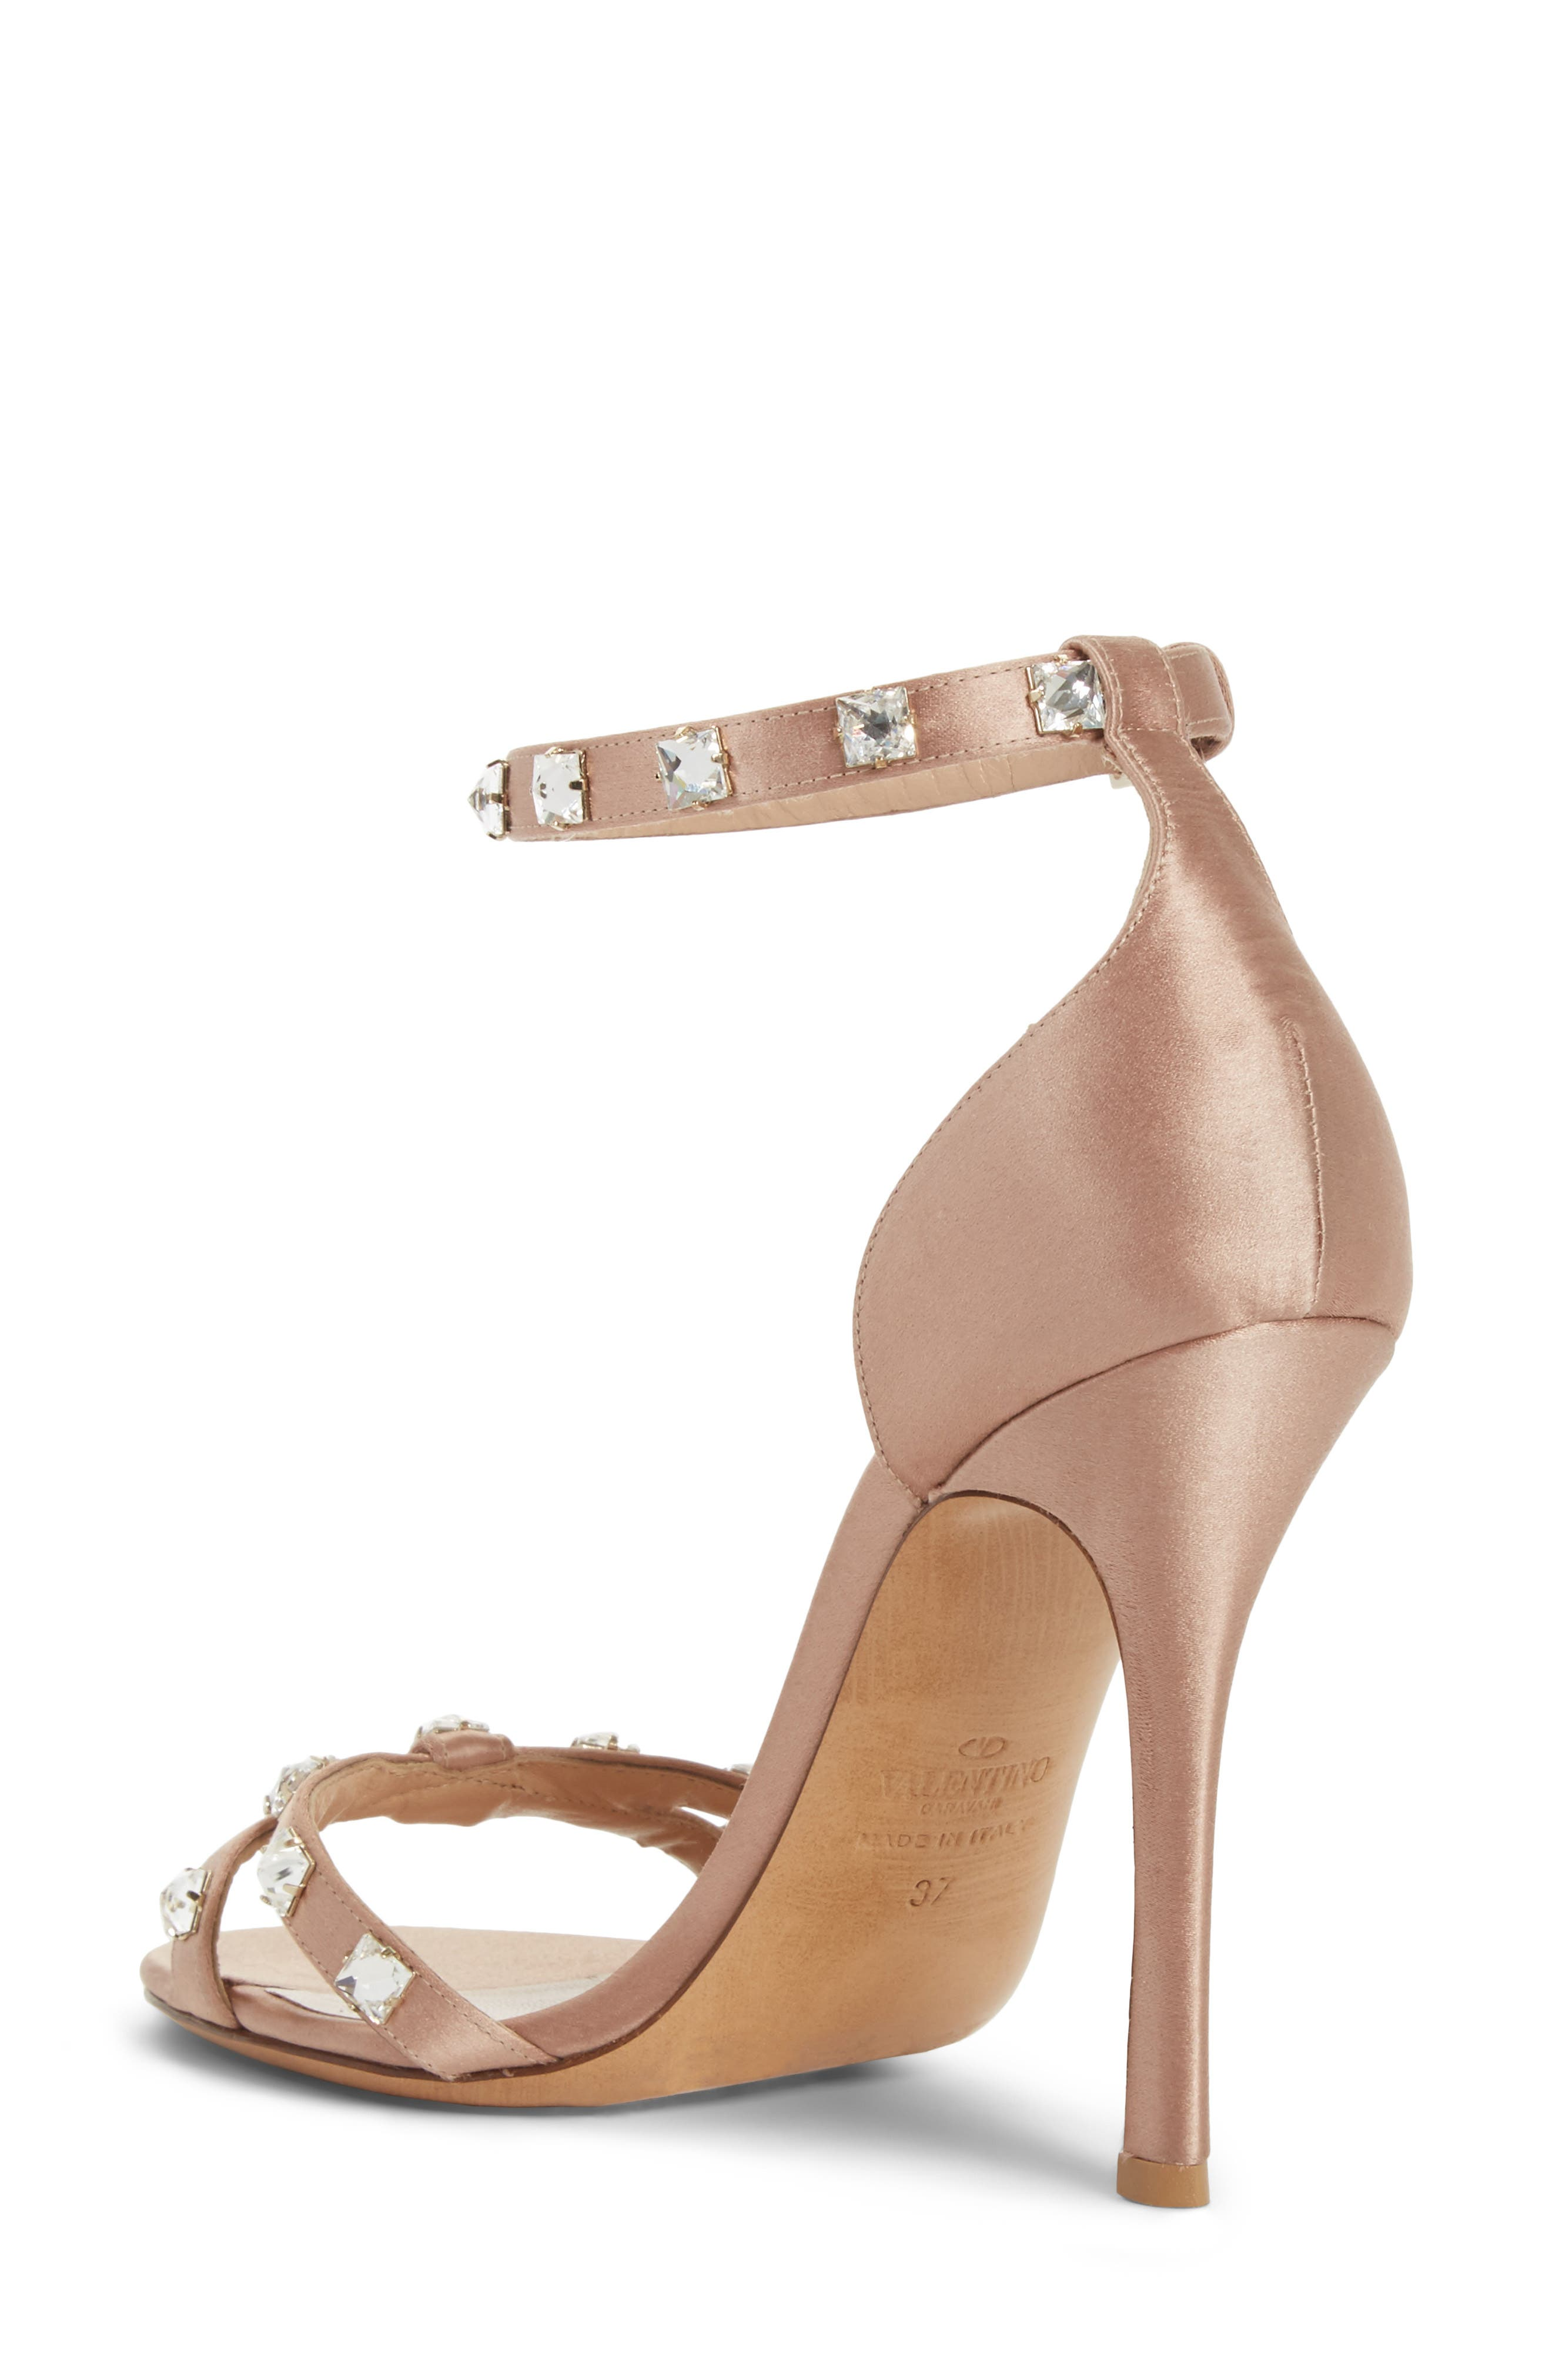 Rockstud Glam Ankle Strap Sandal,                             Alternate thumbnail 2, color,                             Beige